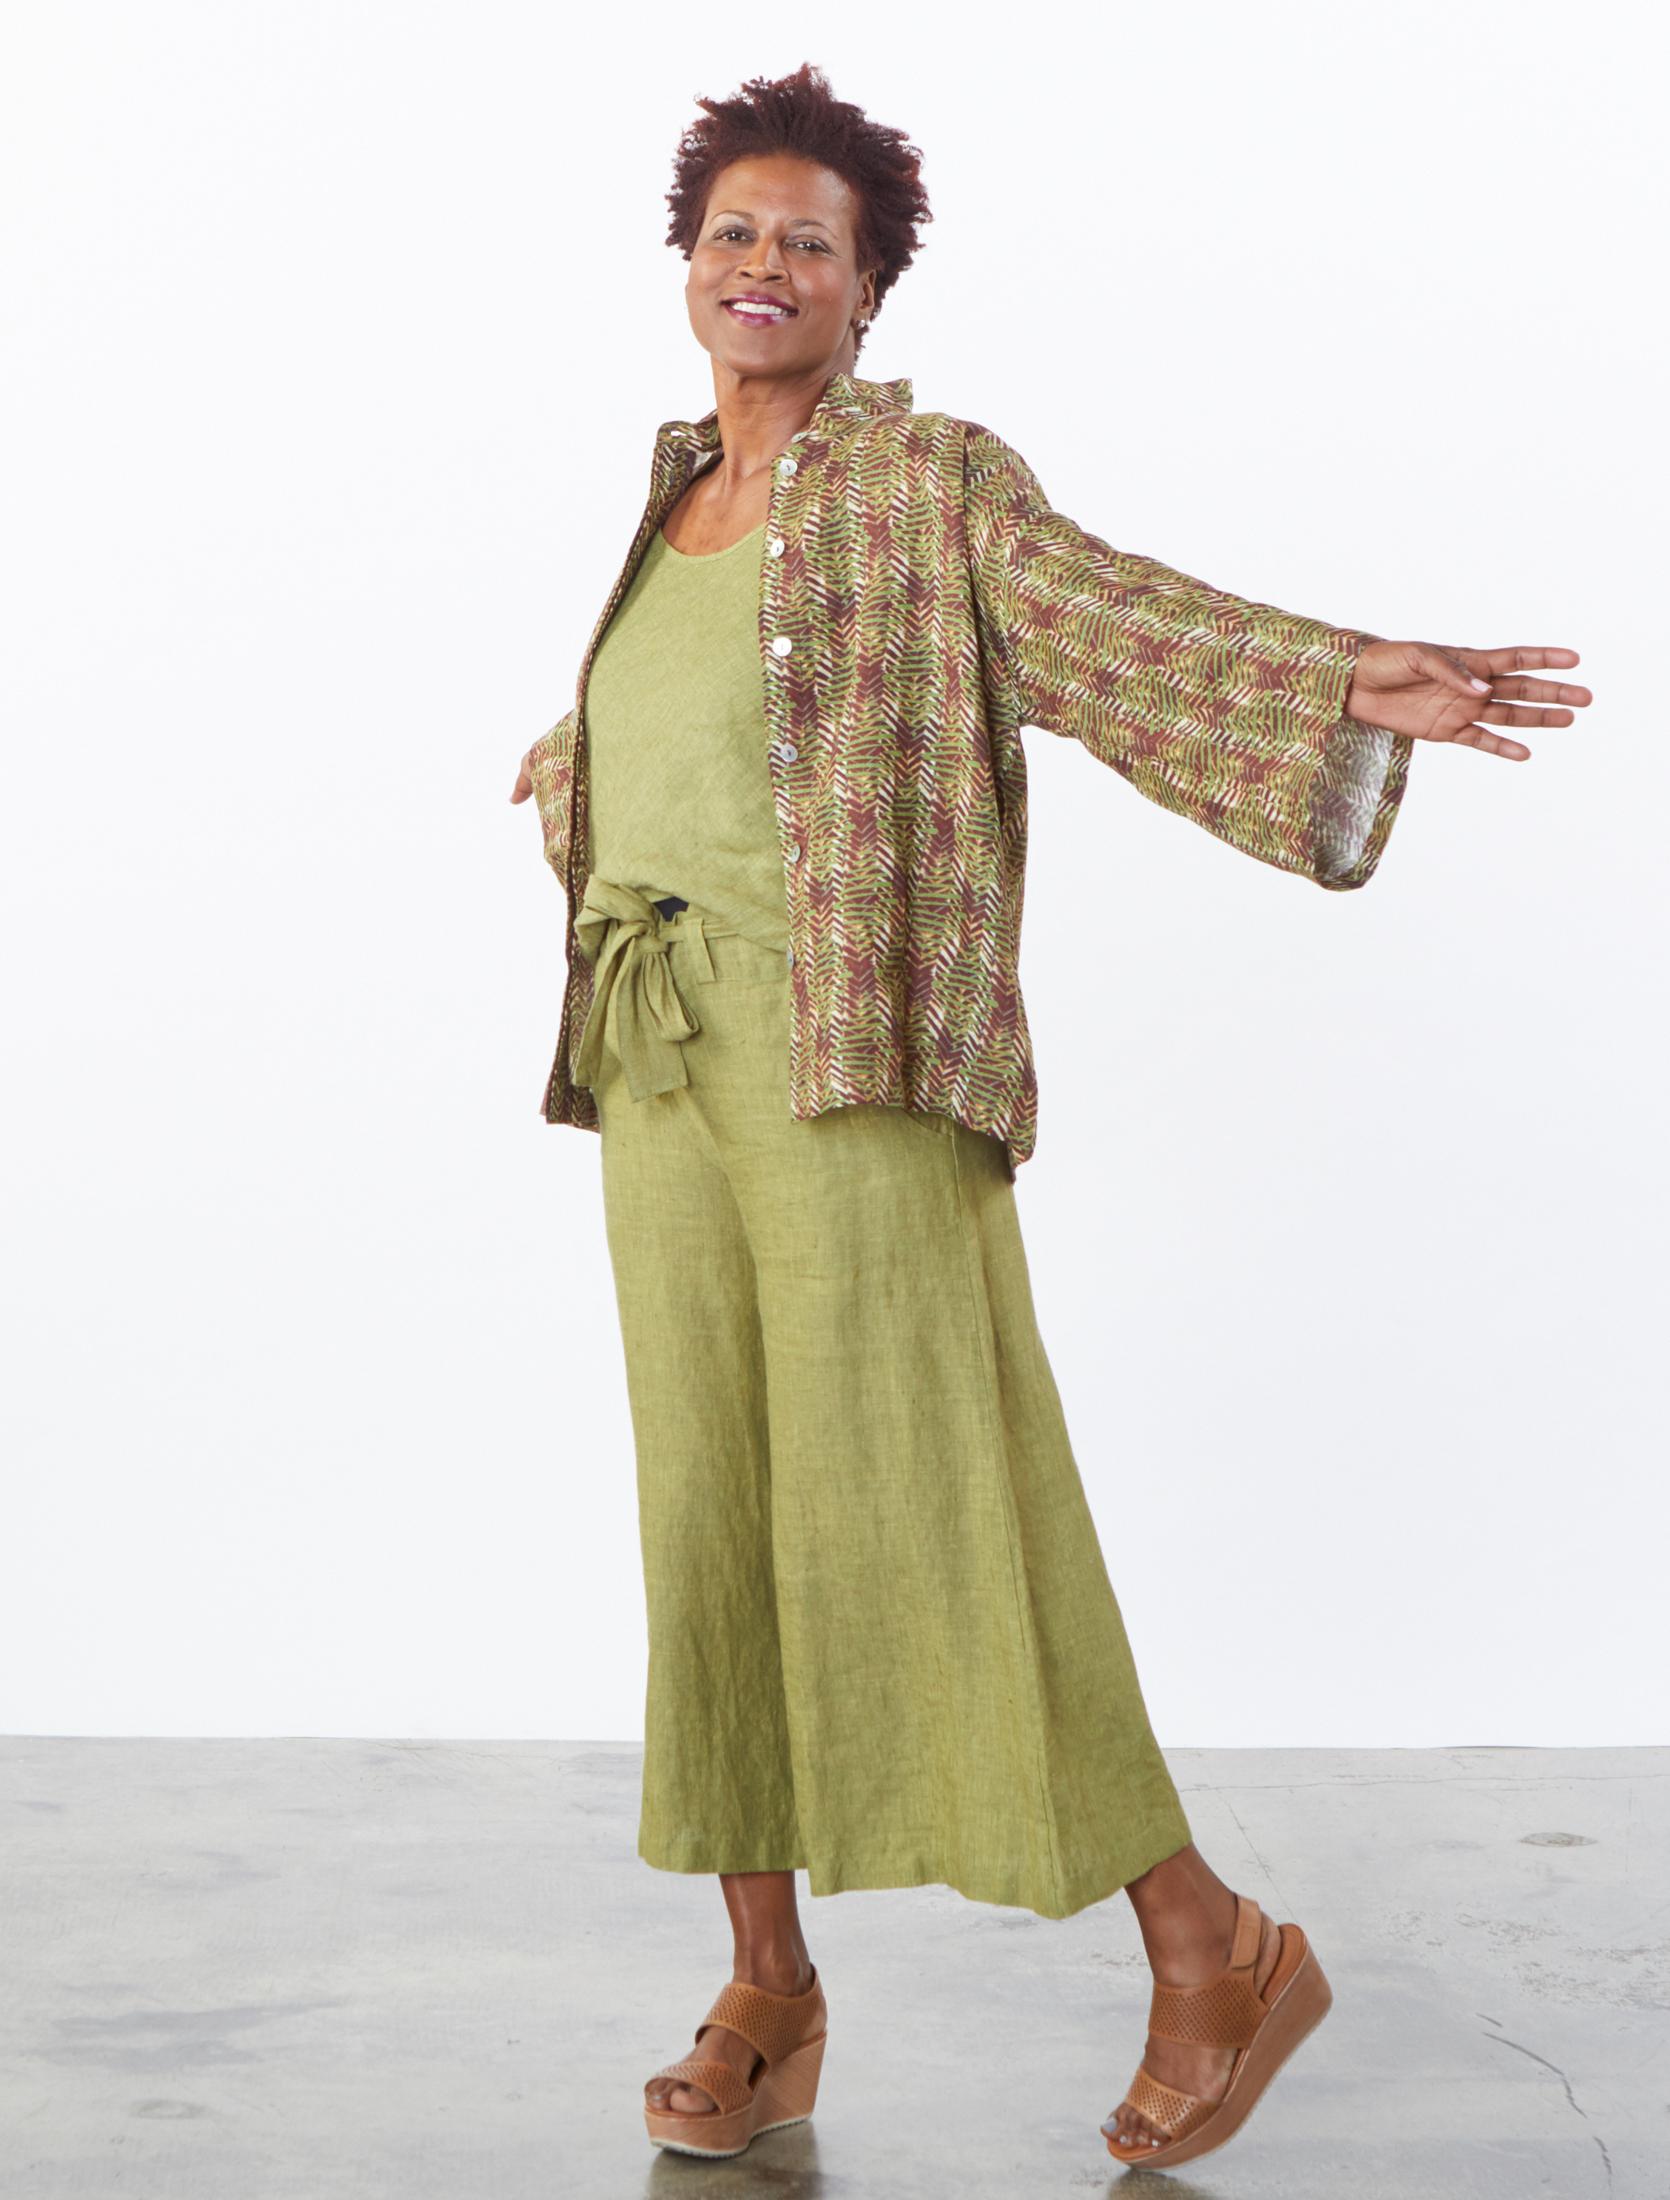 Alabama Shirt in Verde Italian Print Linen, Lucy Tank, Crop Tie Waist Pant in Ravello Cross Dyed Linen